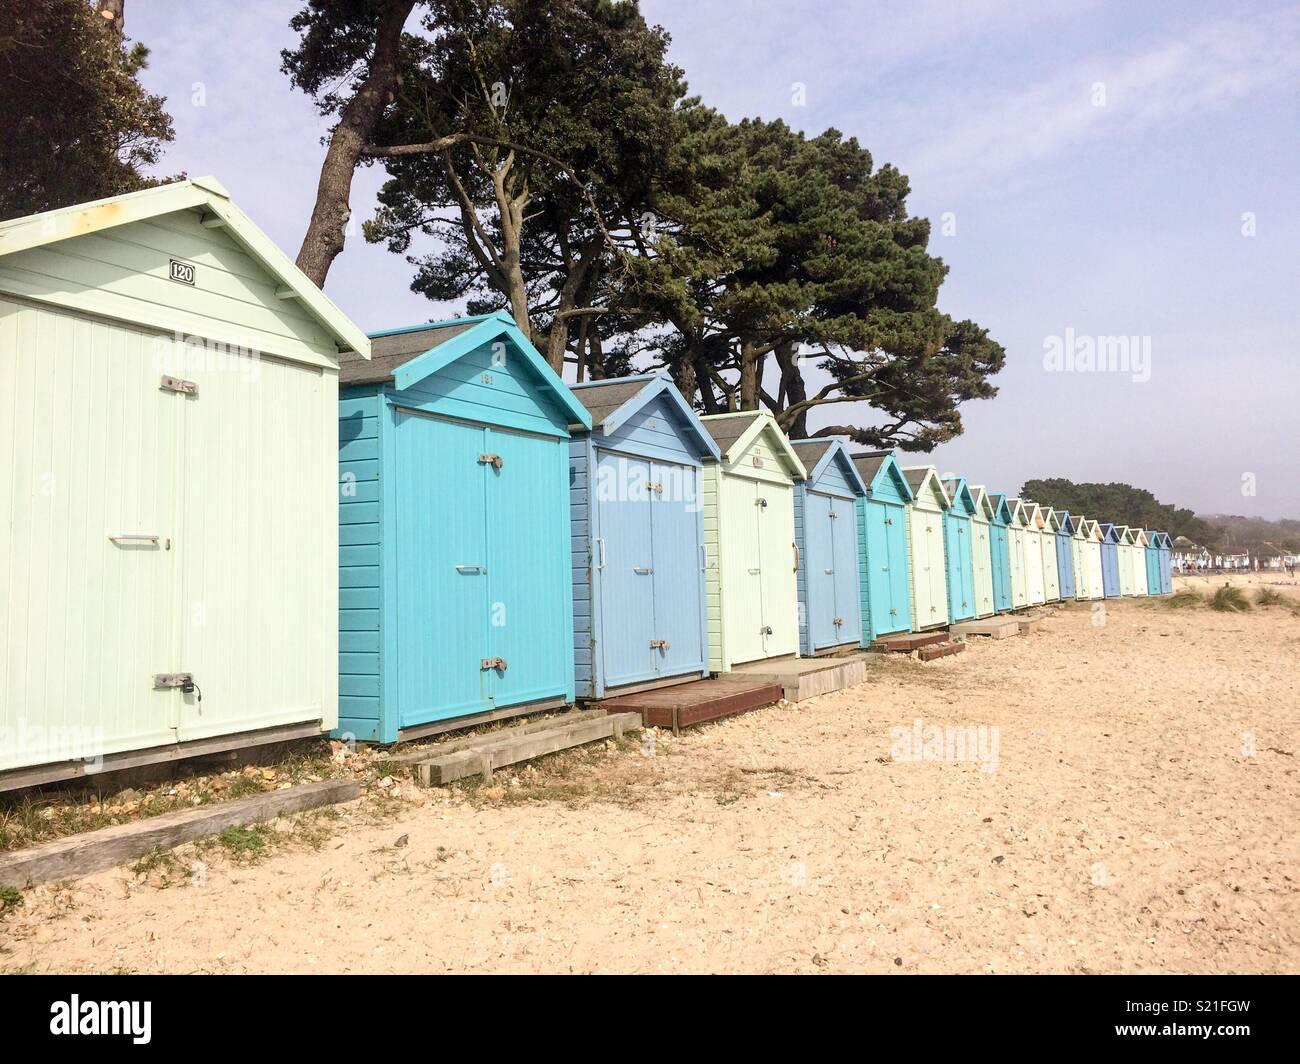 Avon beach toilet